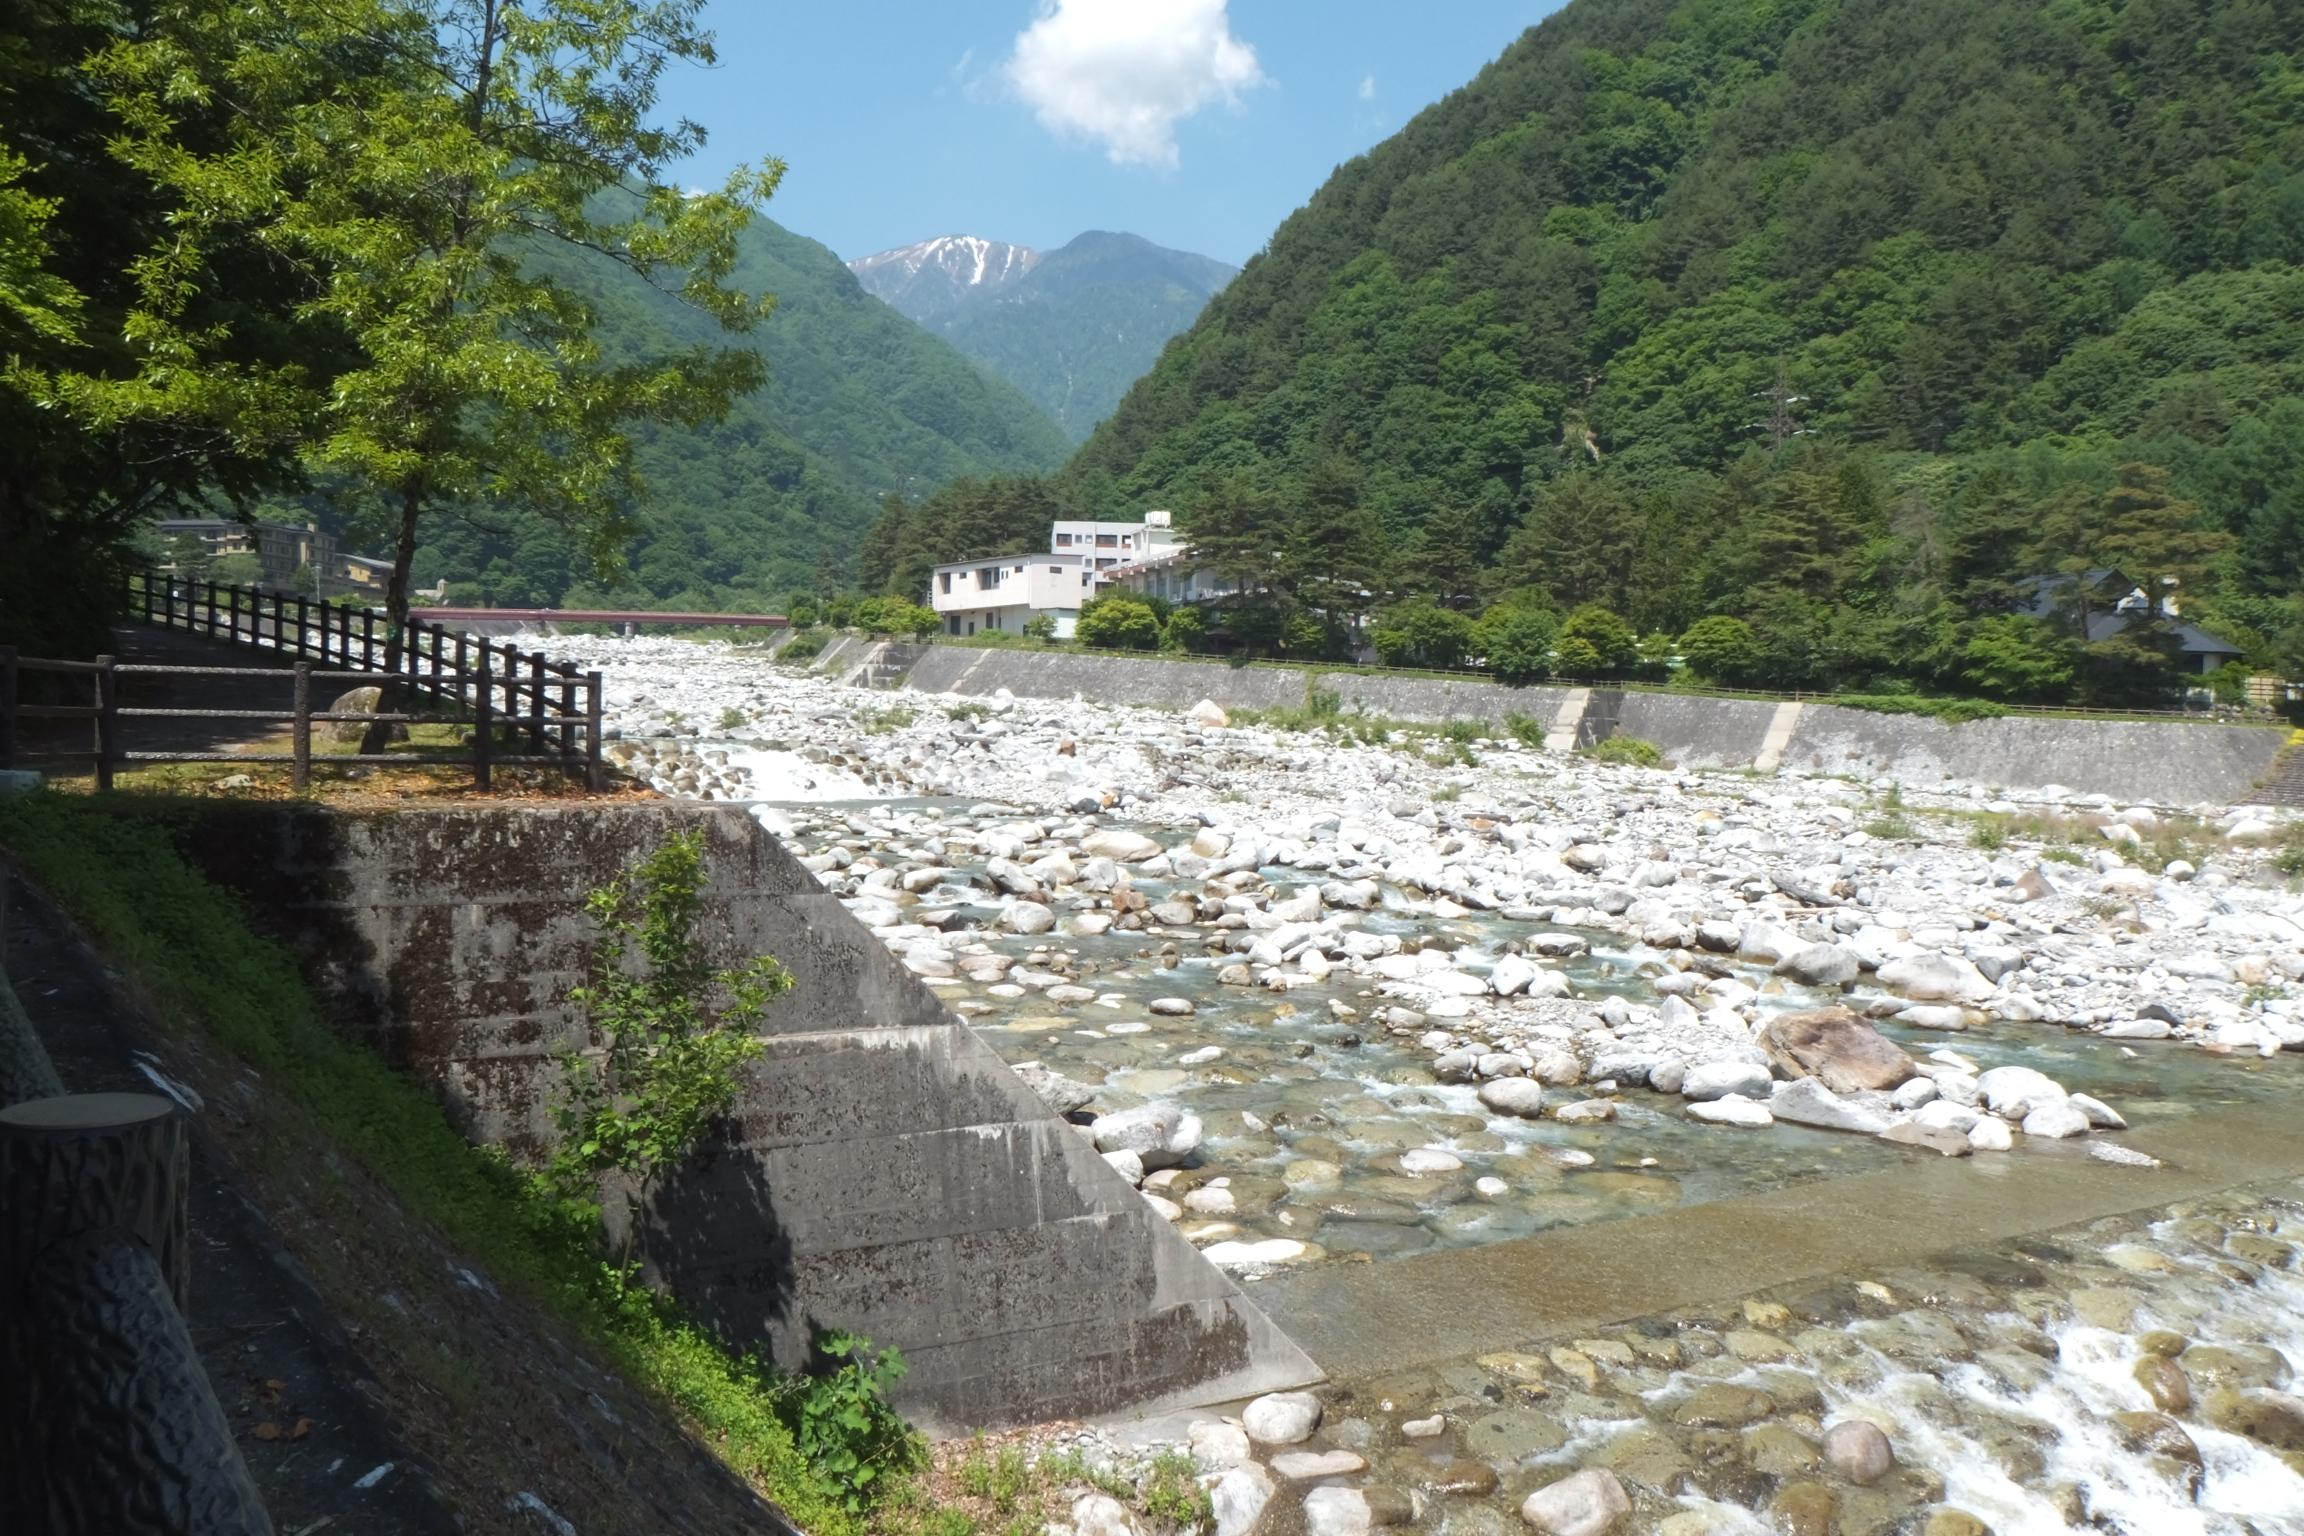 長野県内:ペットと遊ぶ 駒ヶ根市 こまくさ橋